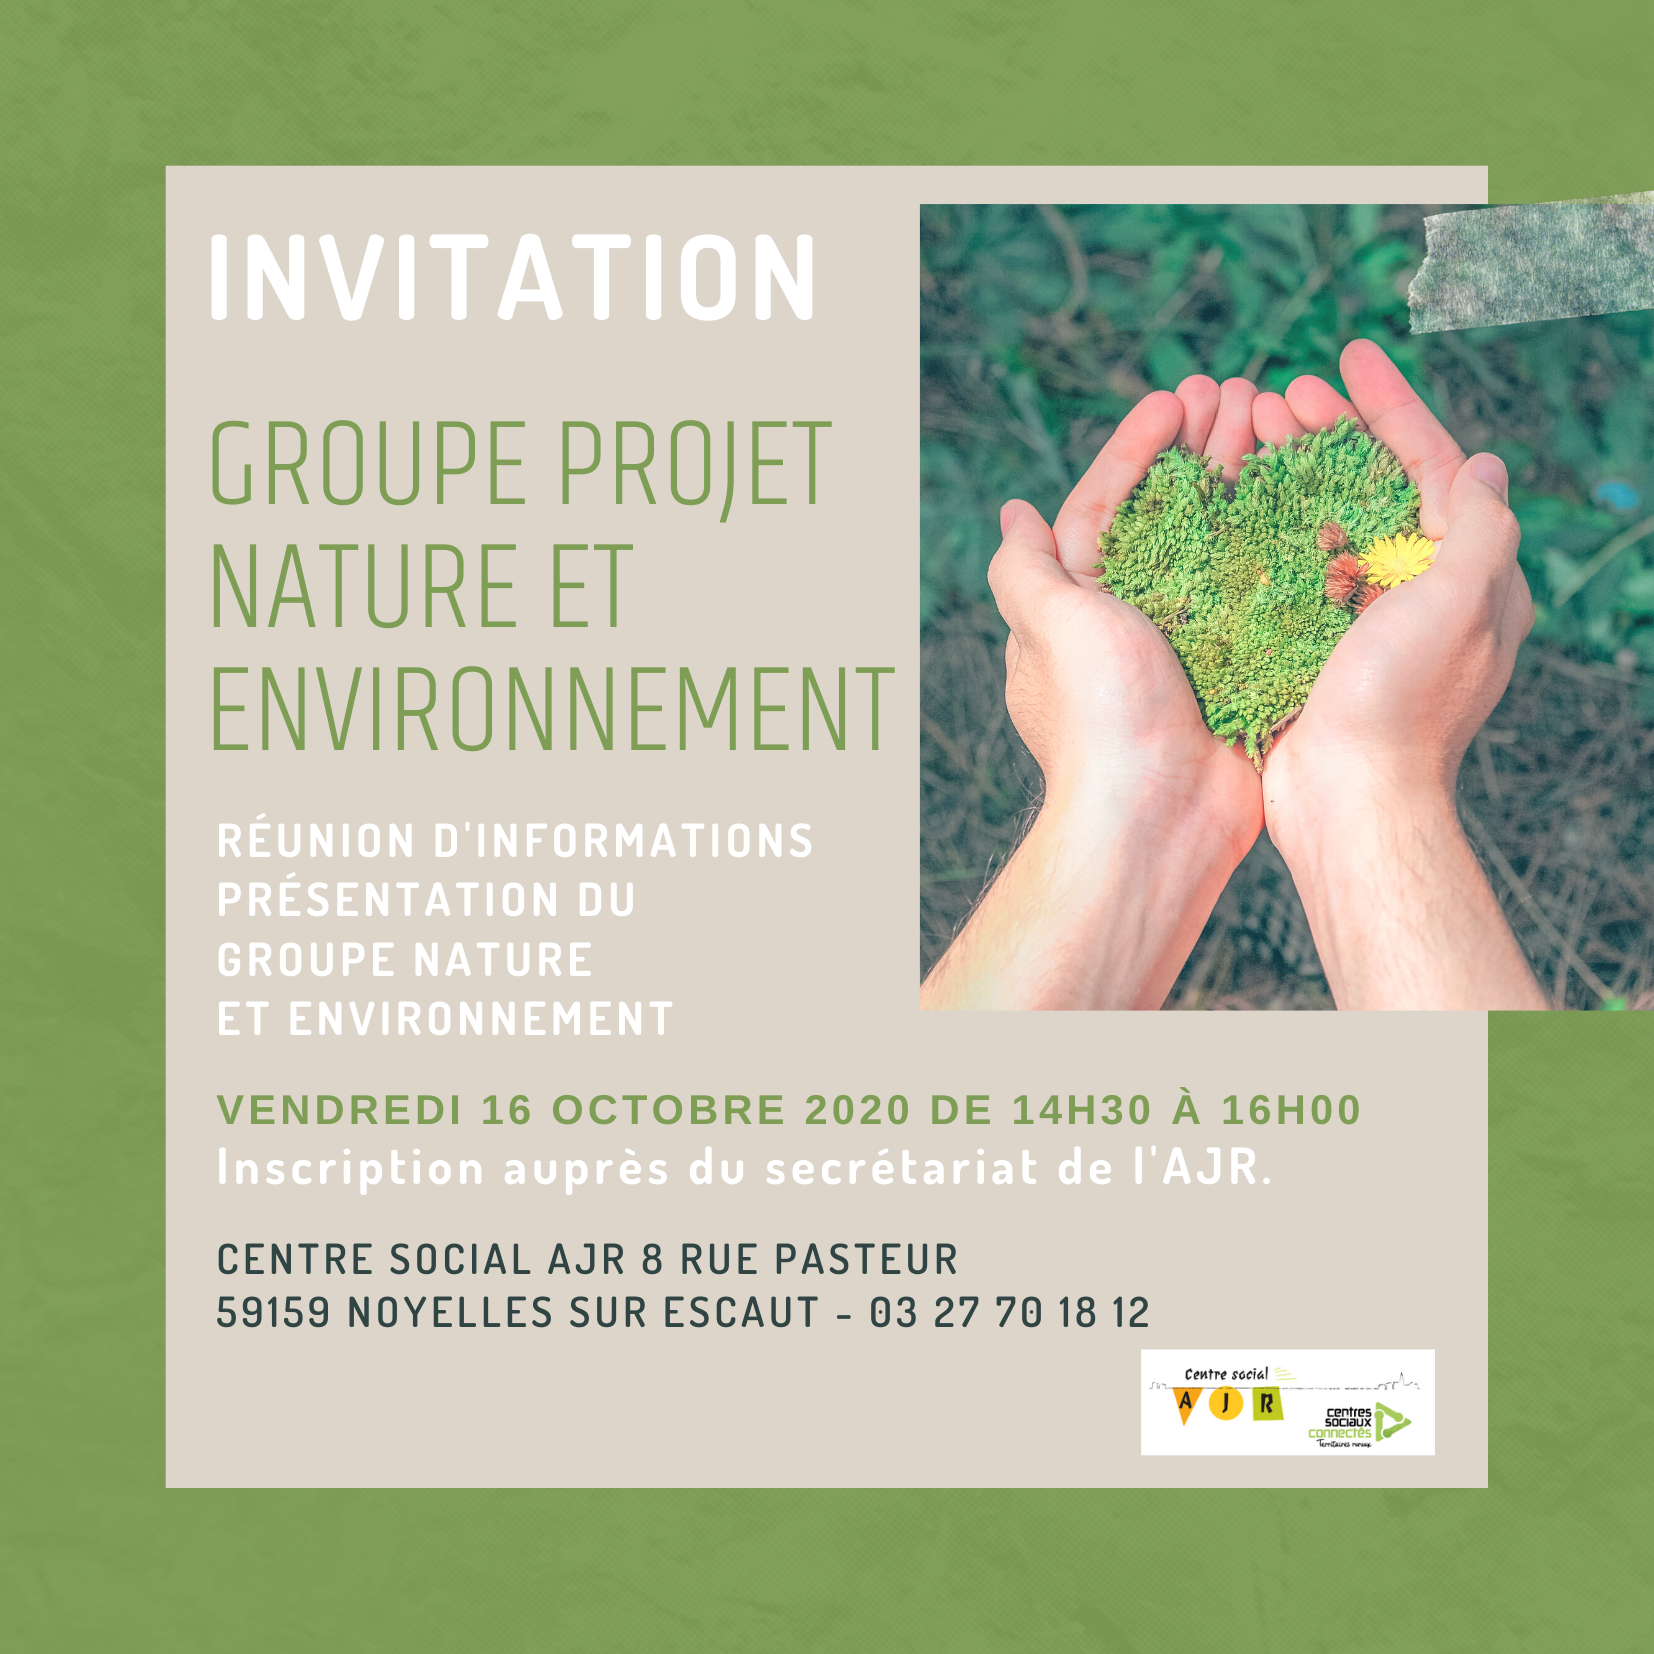 Invitation groupe projet nature et environnement